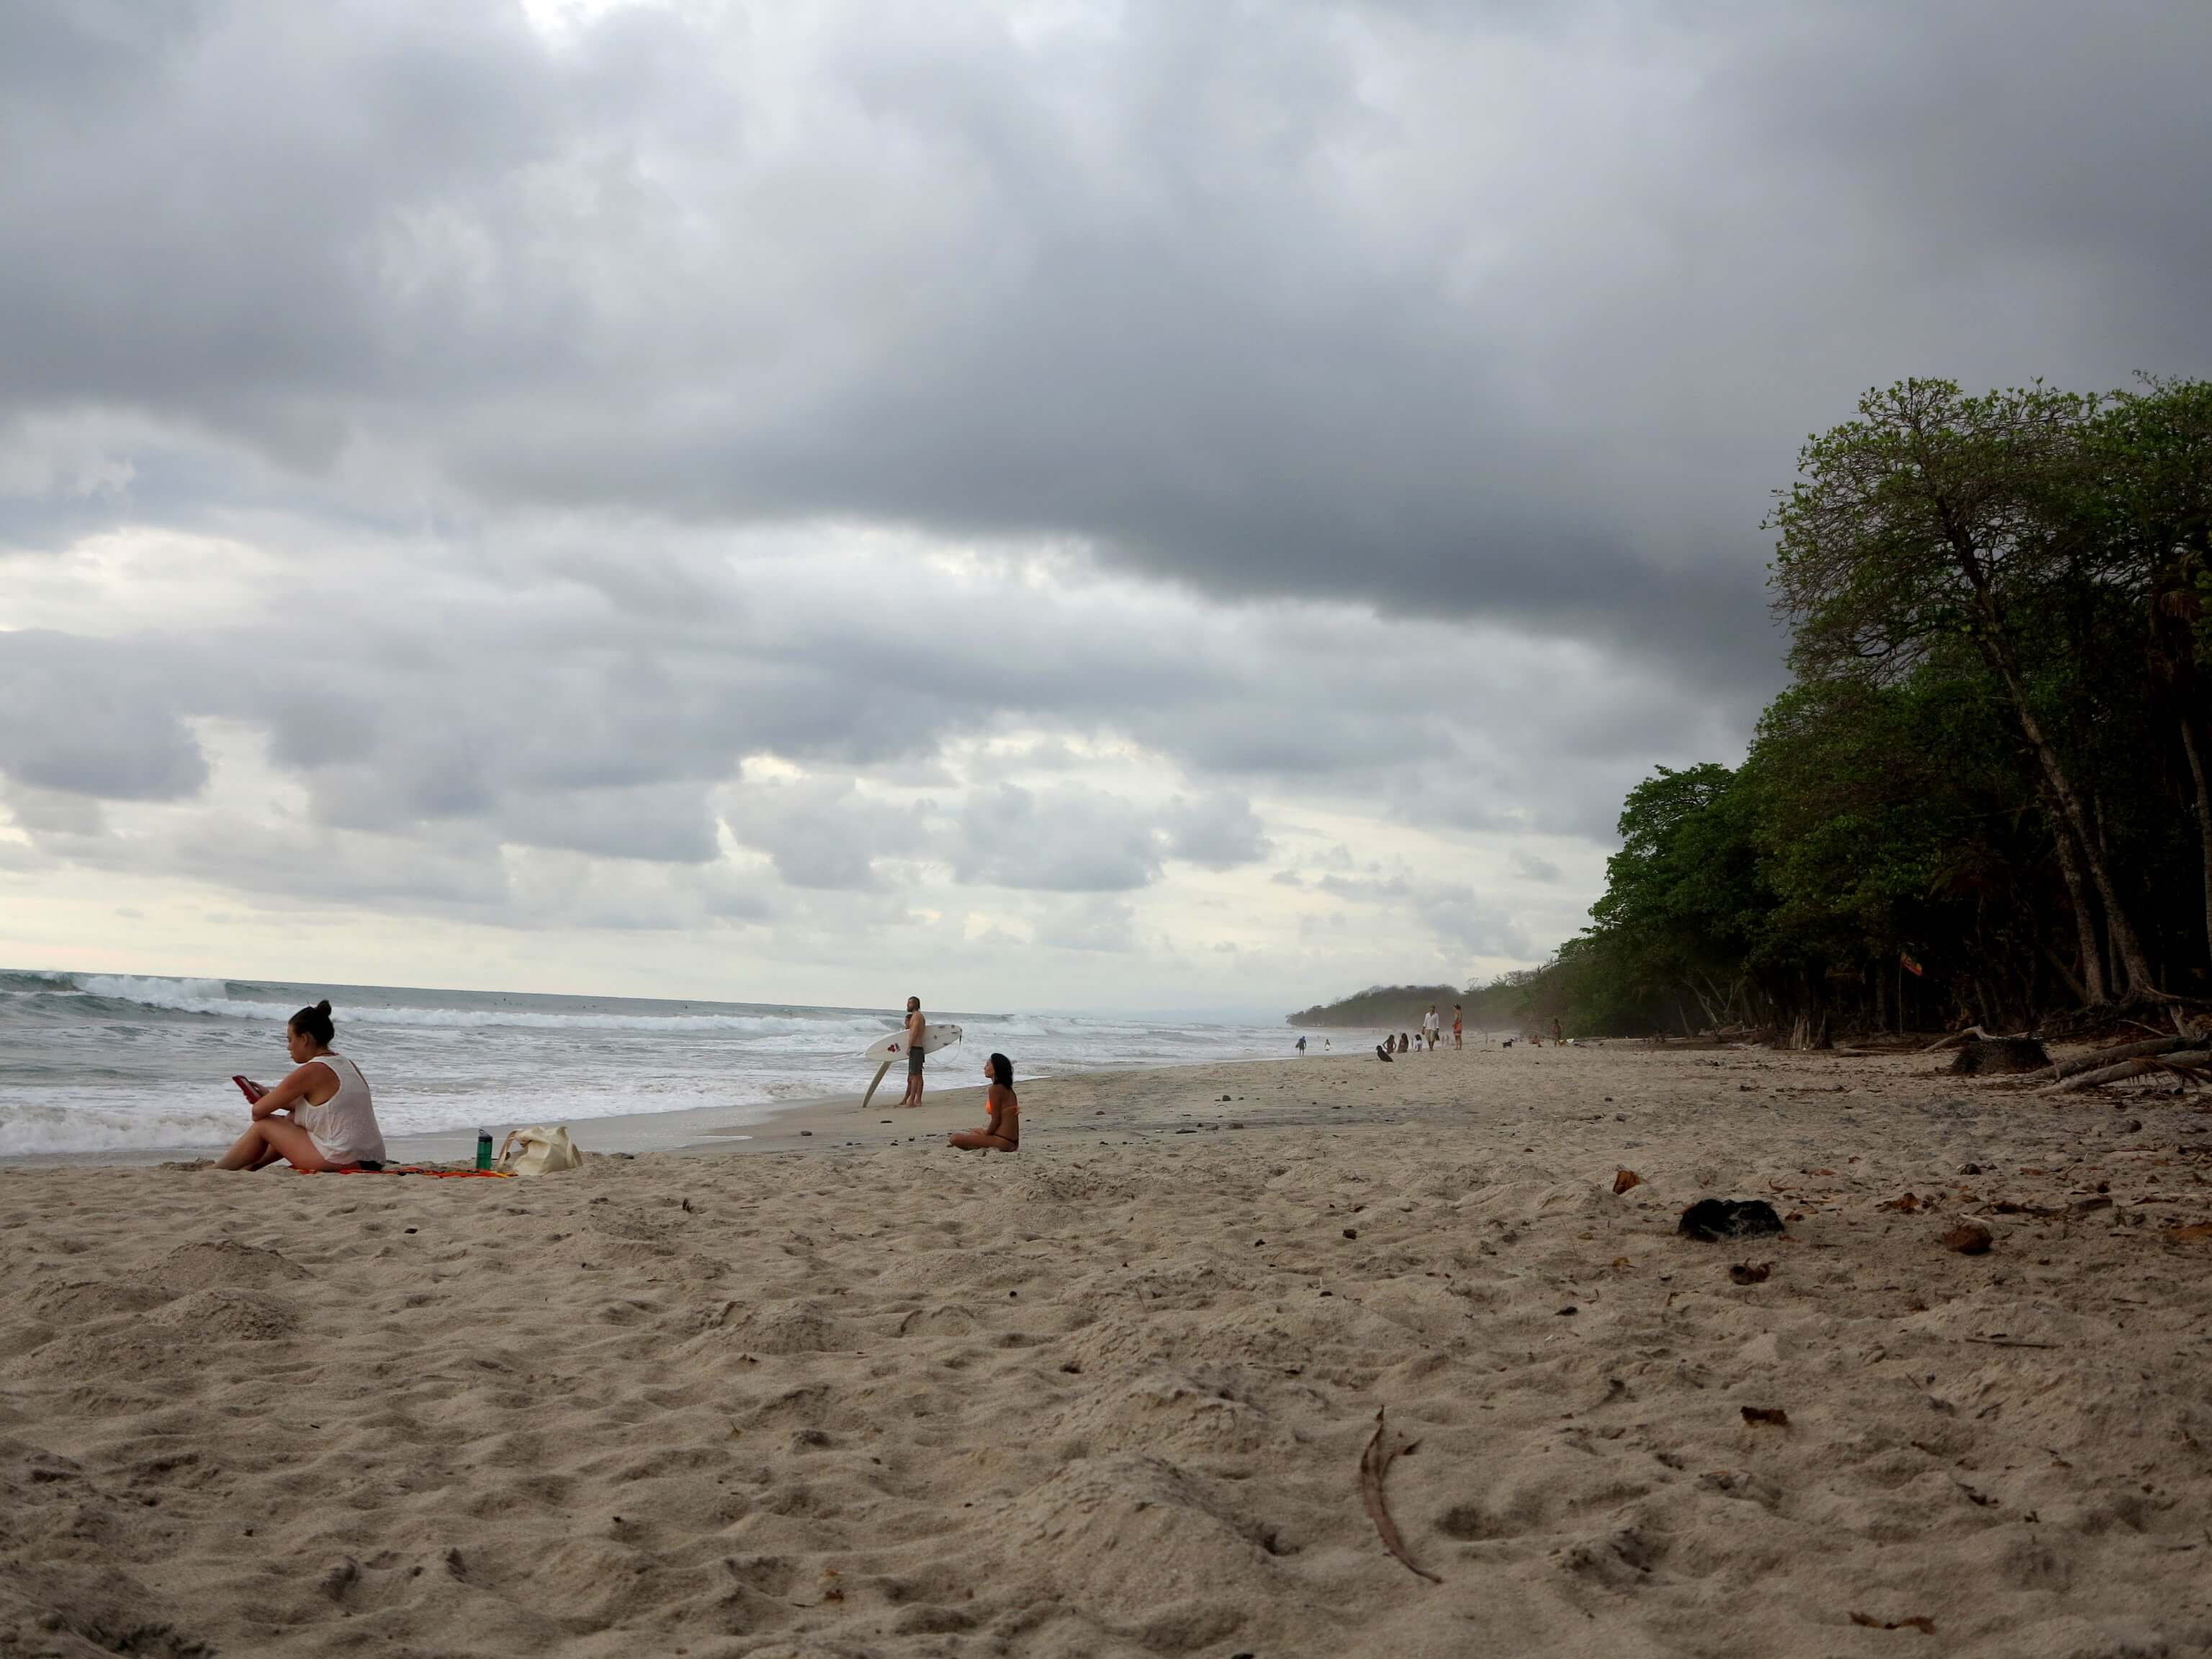 Unendlich langer Strand mit Dschungel in Santa Teresa